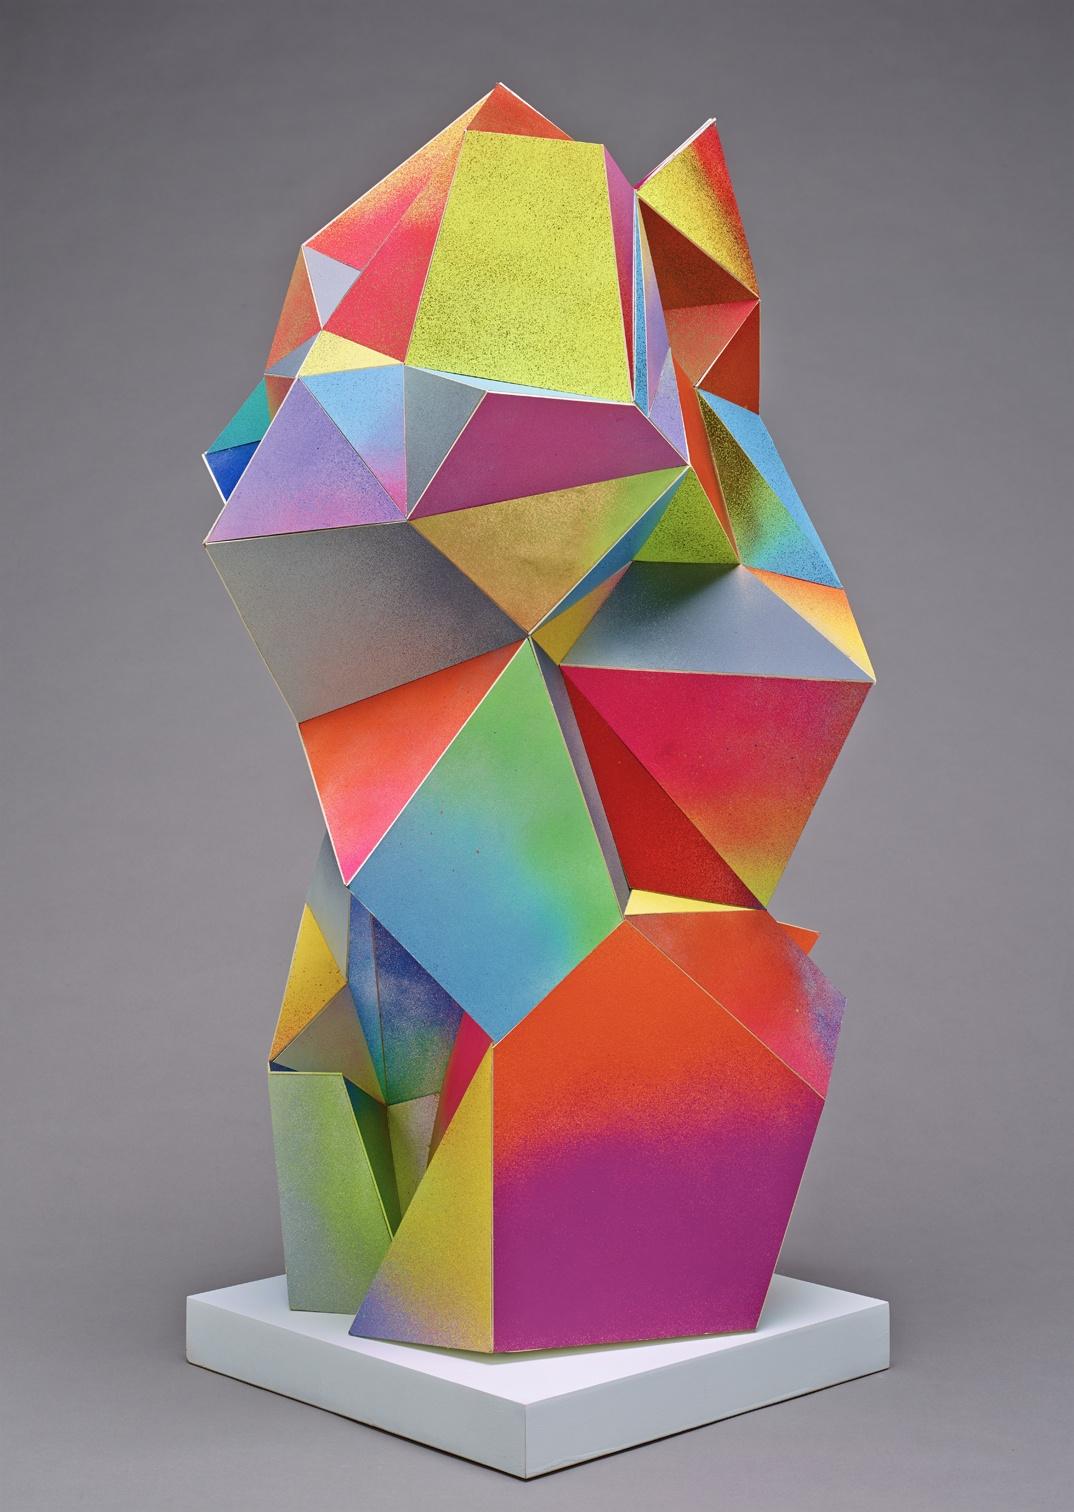 16_02_27_Jud_Bergeron_Sculpture_29634_FINAL_02.jpg